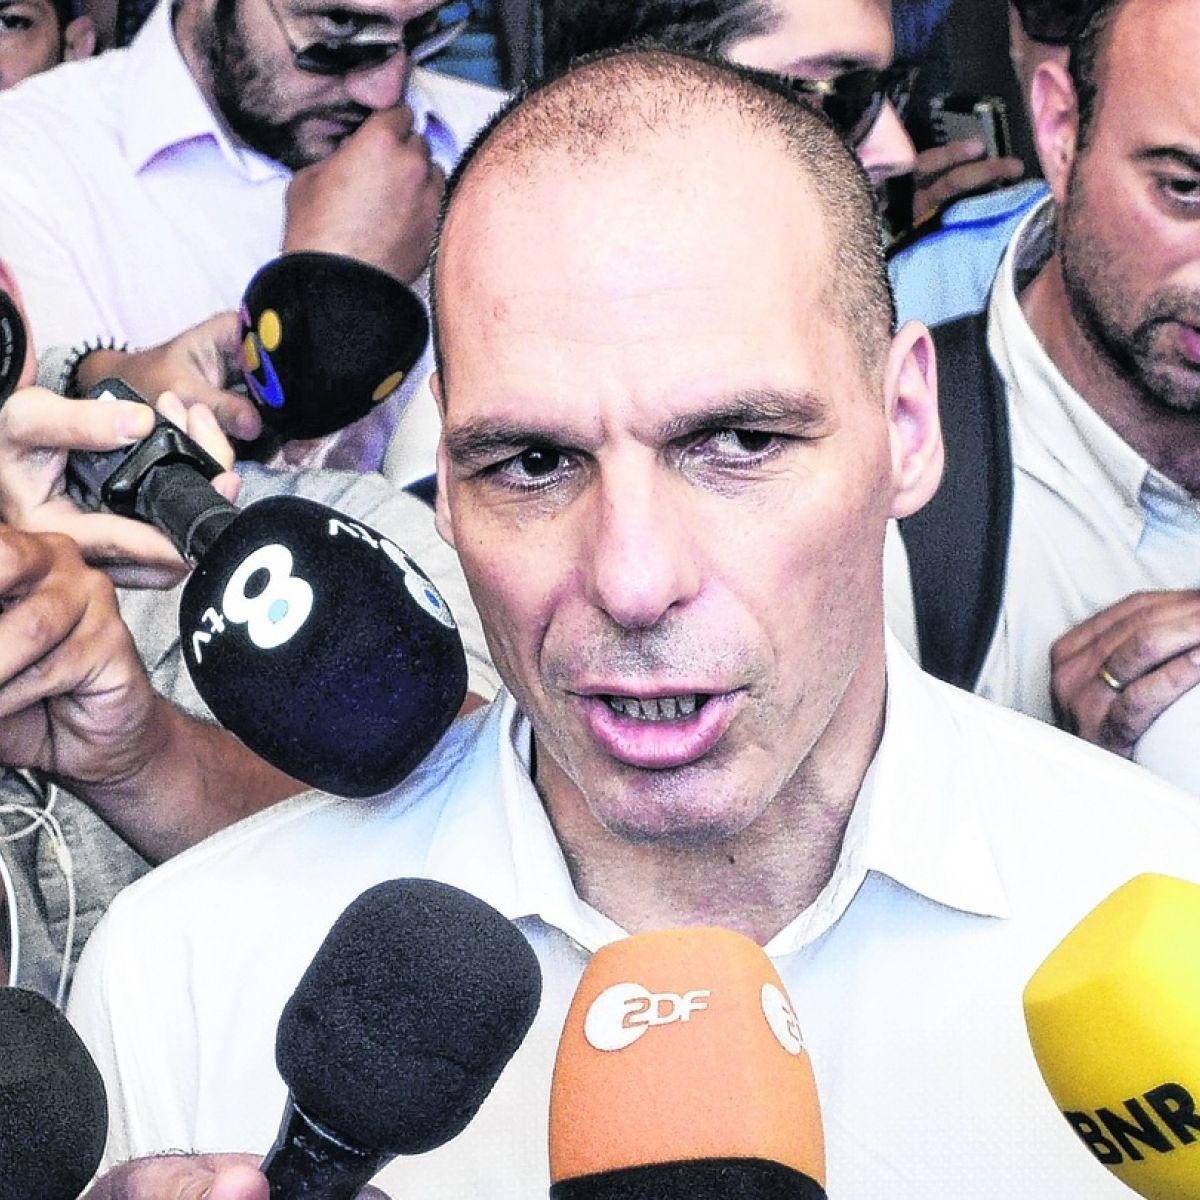 Varadkar and Donohoe should talk to Yanis Varoufakis